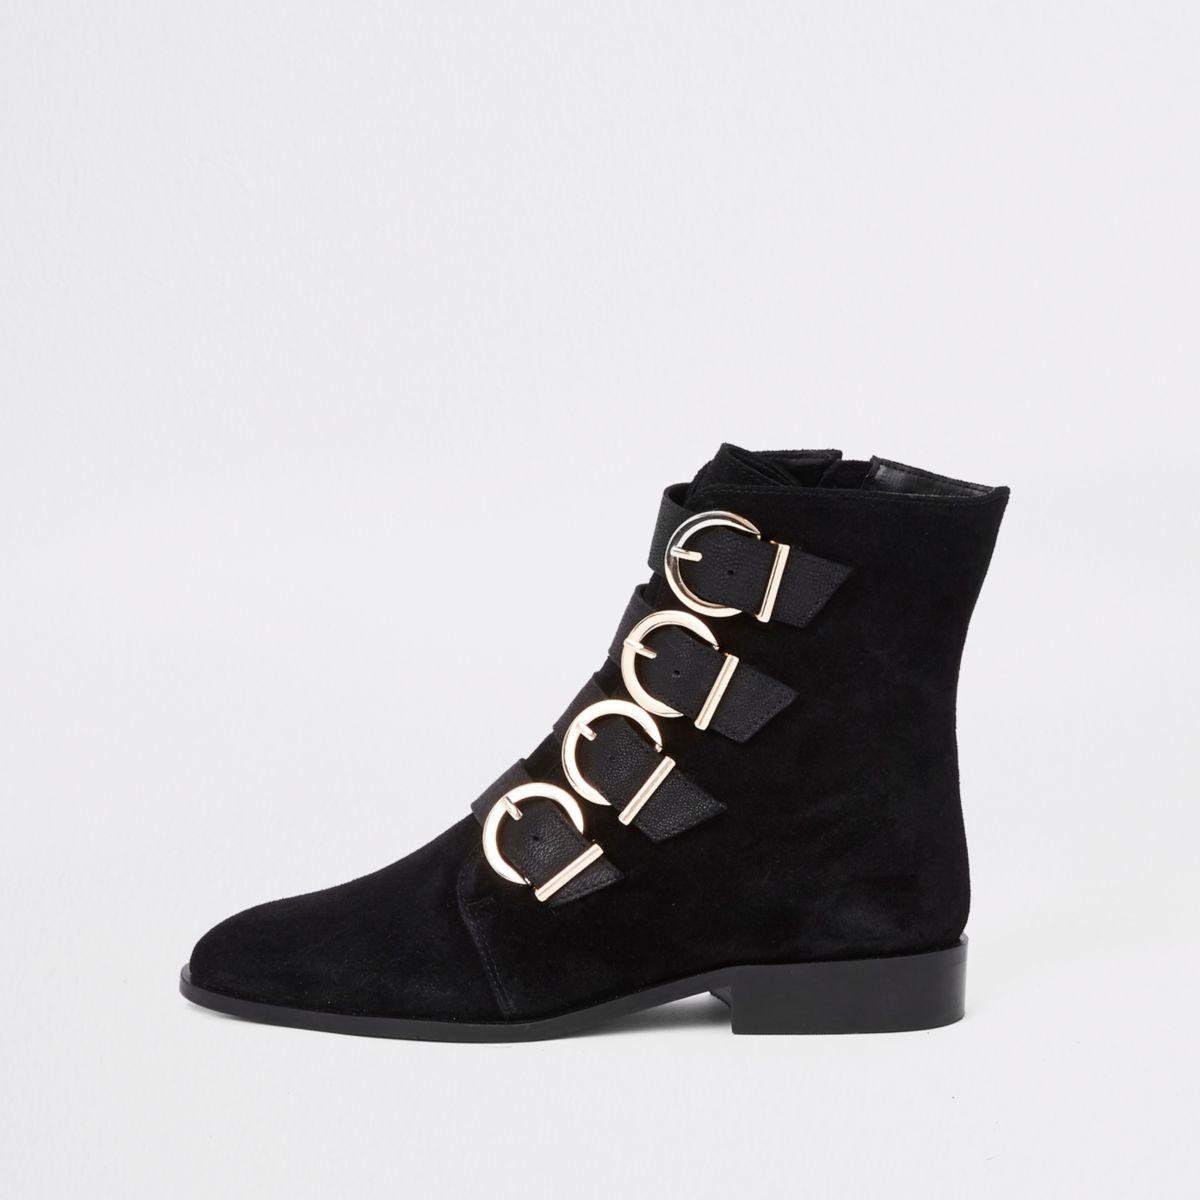 Zwarte leren laarzen met gespdetail